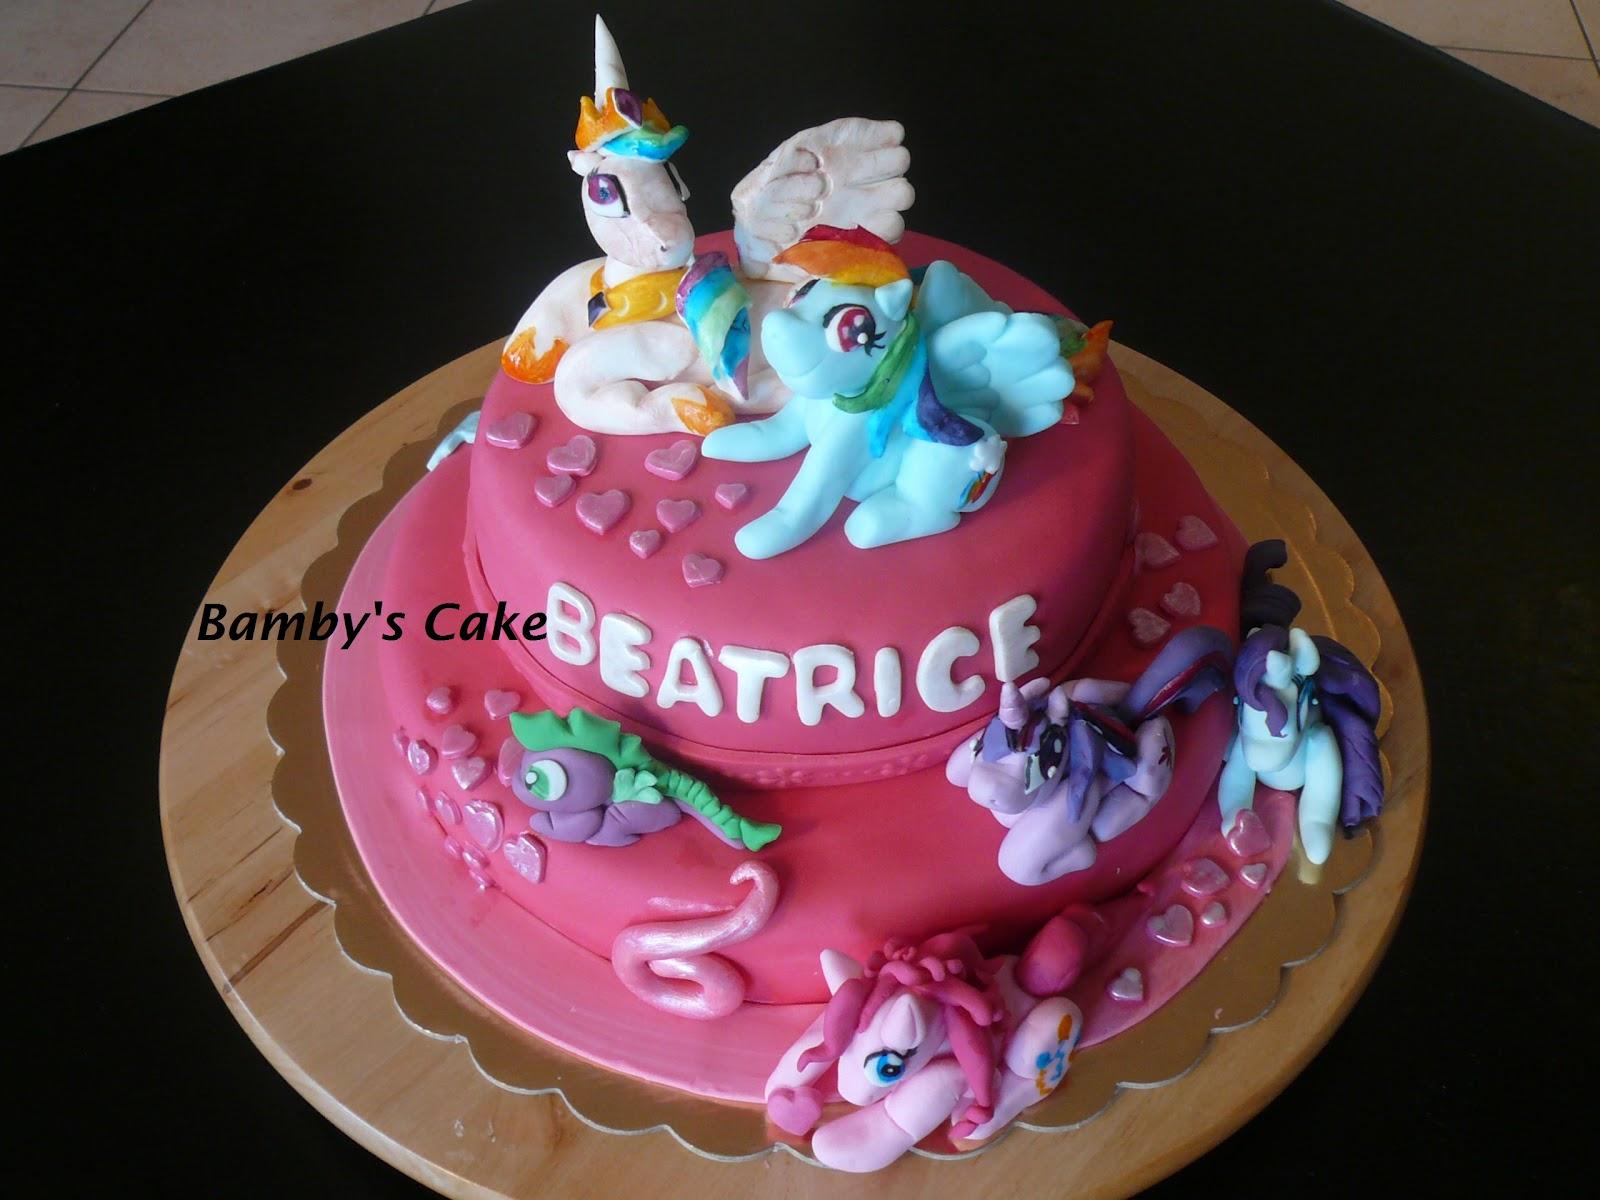 http://4.bp.blogspot.com/-ELnUxPJCfRQ/T2HNO5lk_tI/AAAAAAAAAMs/bFEoJ_9k84w/s1600/my+little+pony+%281%29.JPG